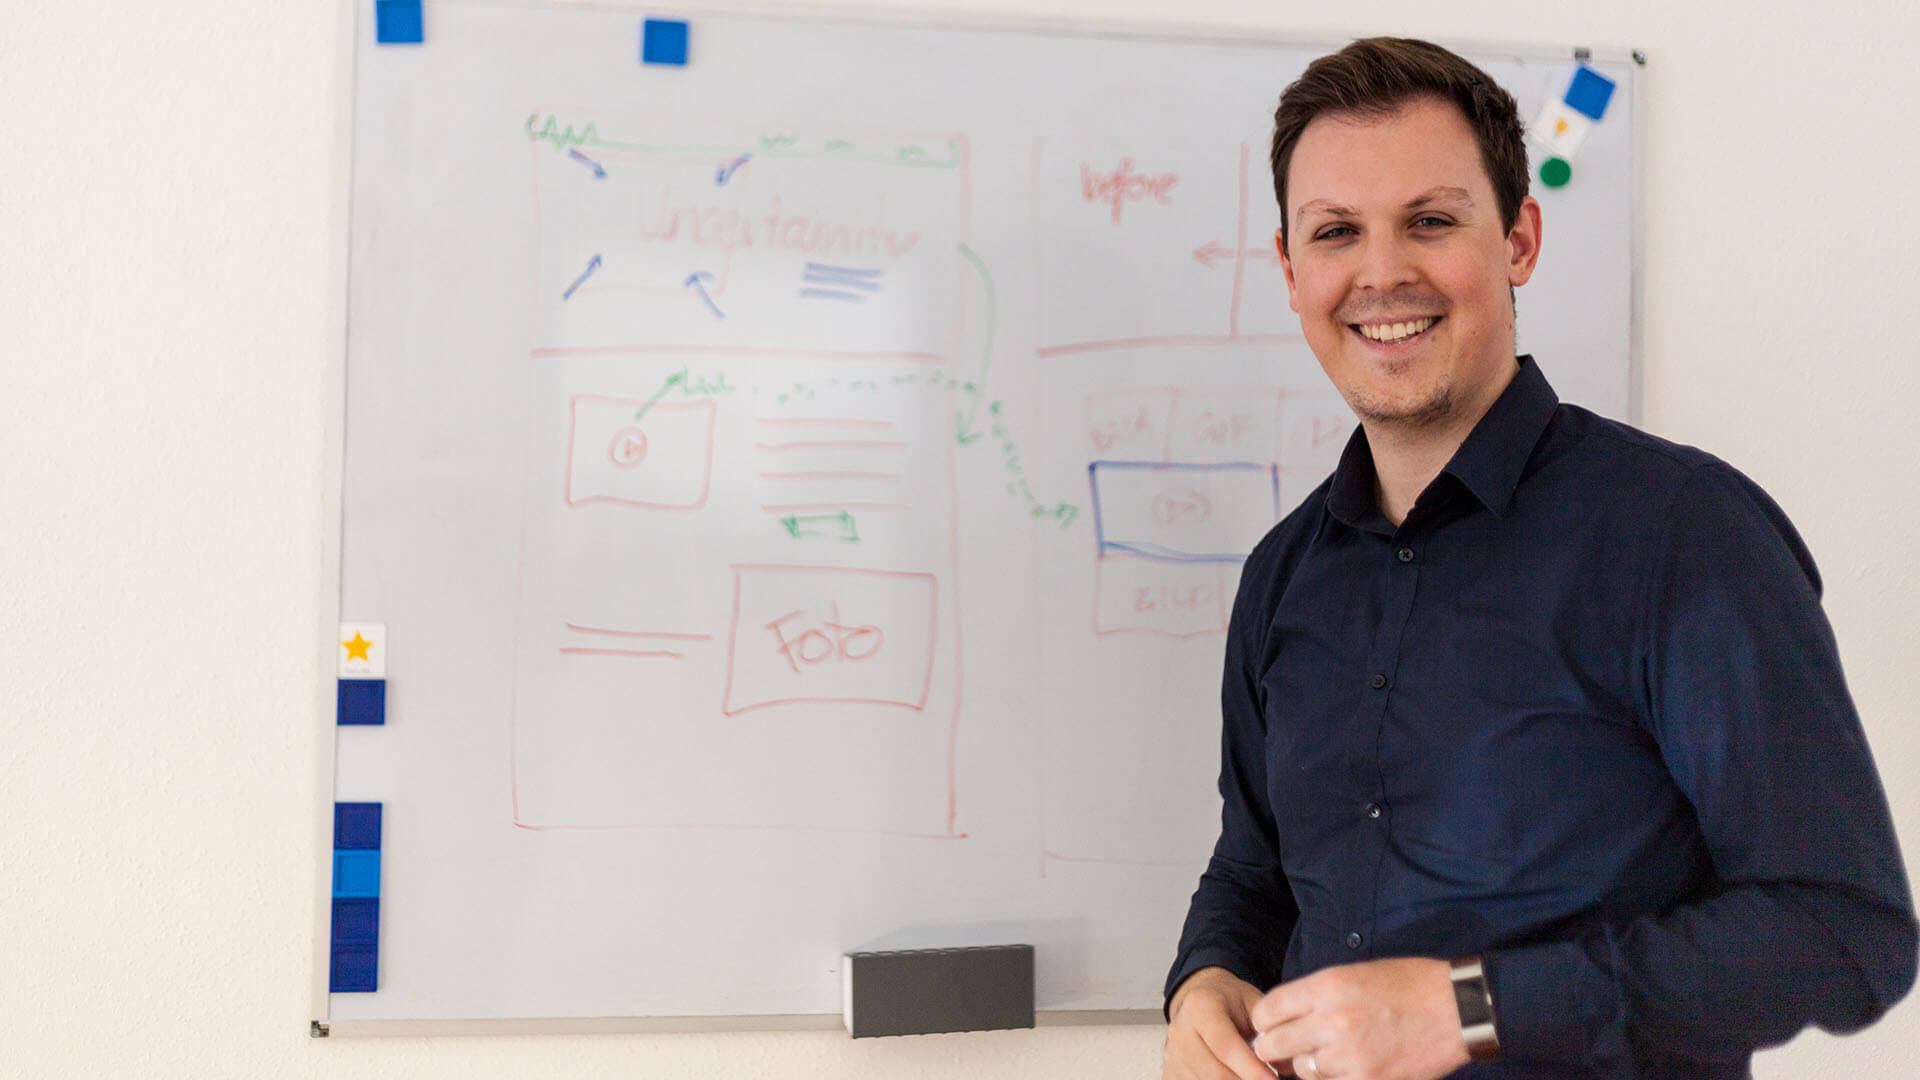 Mann vor Whiteboard mit Notizen